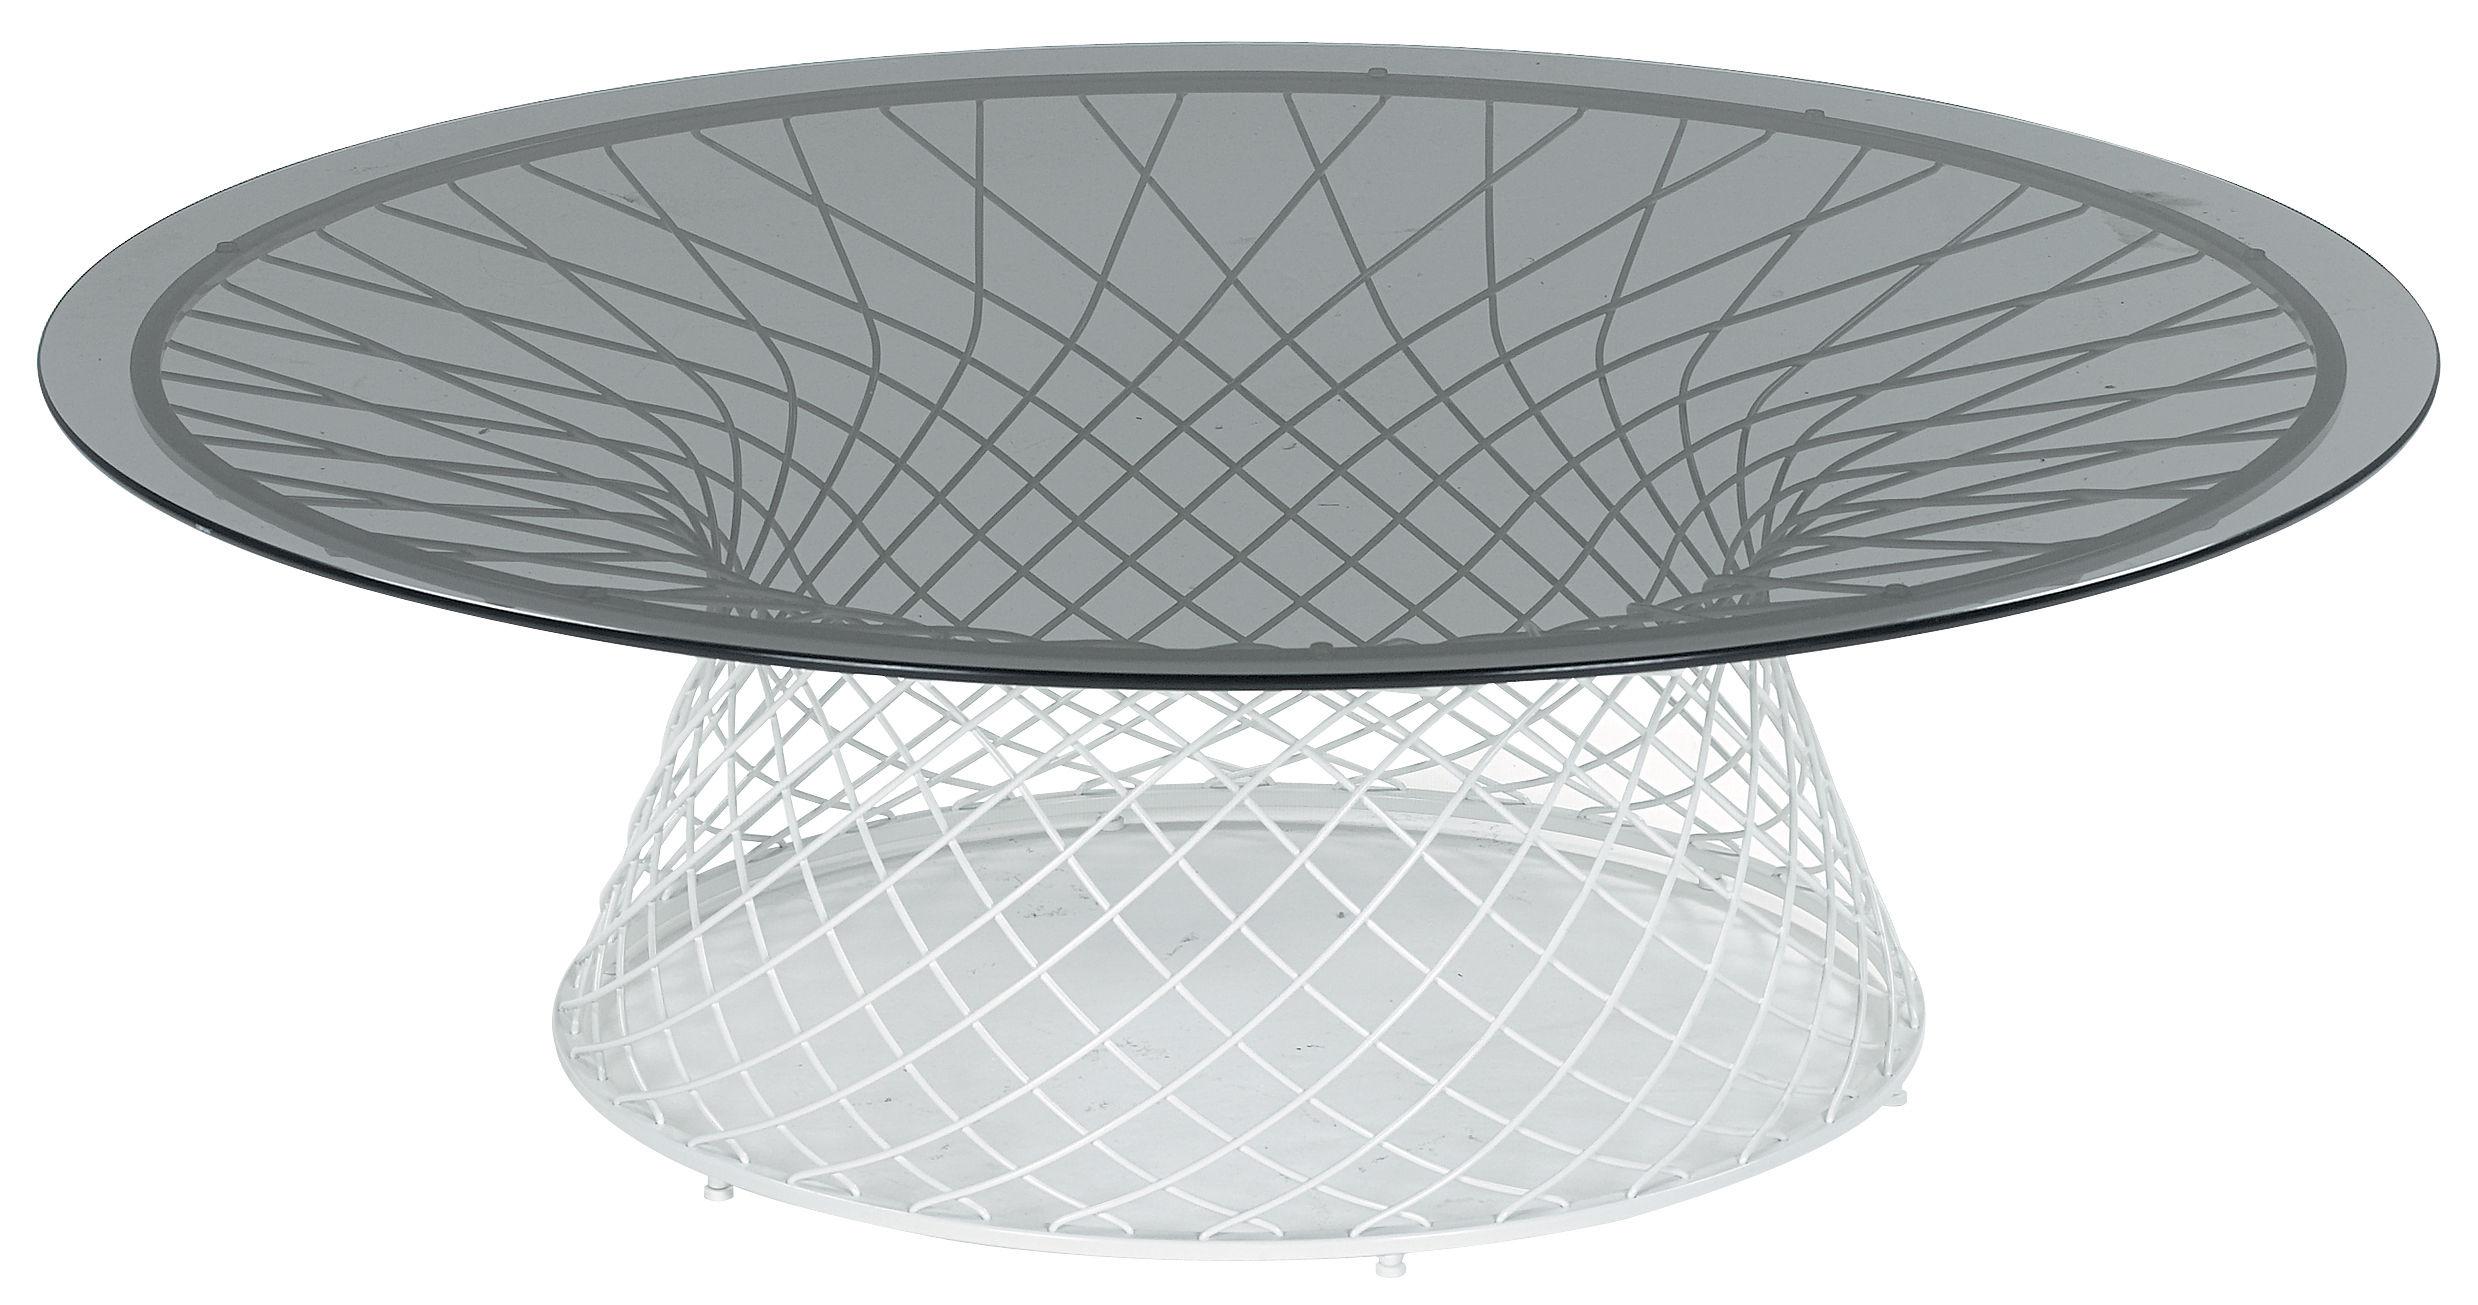 Mobilier - Tables basses - Table basse Heaven / Ø 120 cm - Emu - Blanc mat / Plateau verre fumé - Acier, Verre